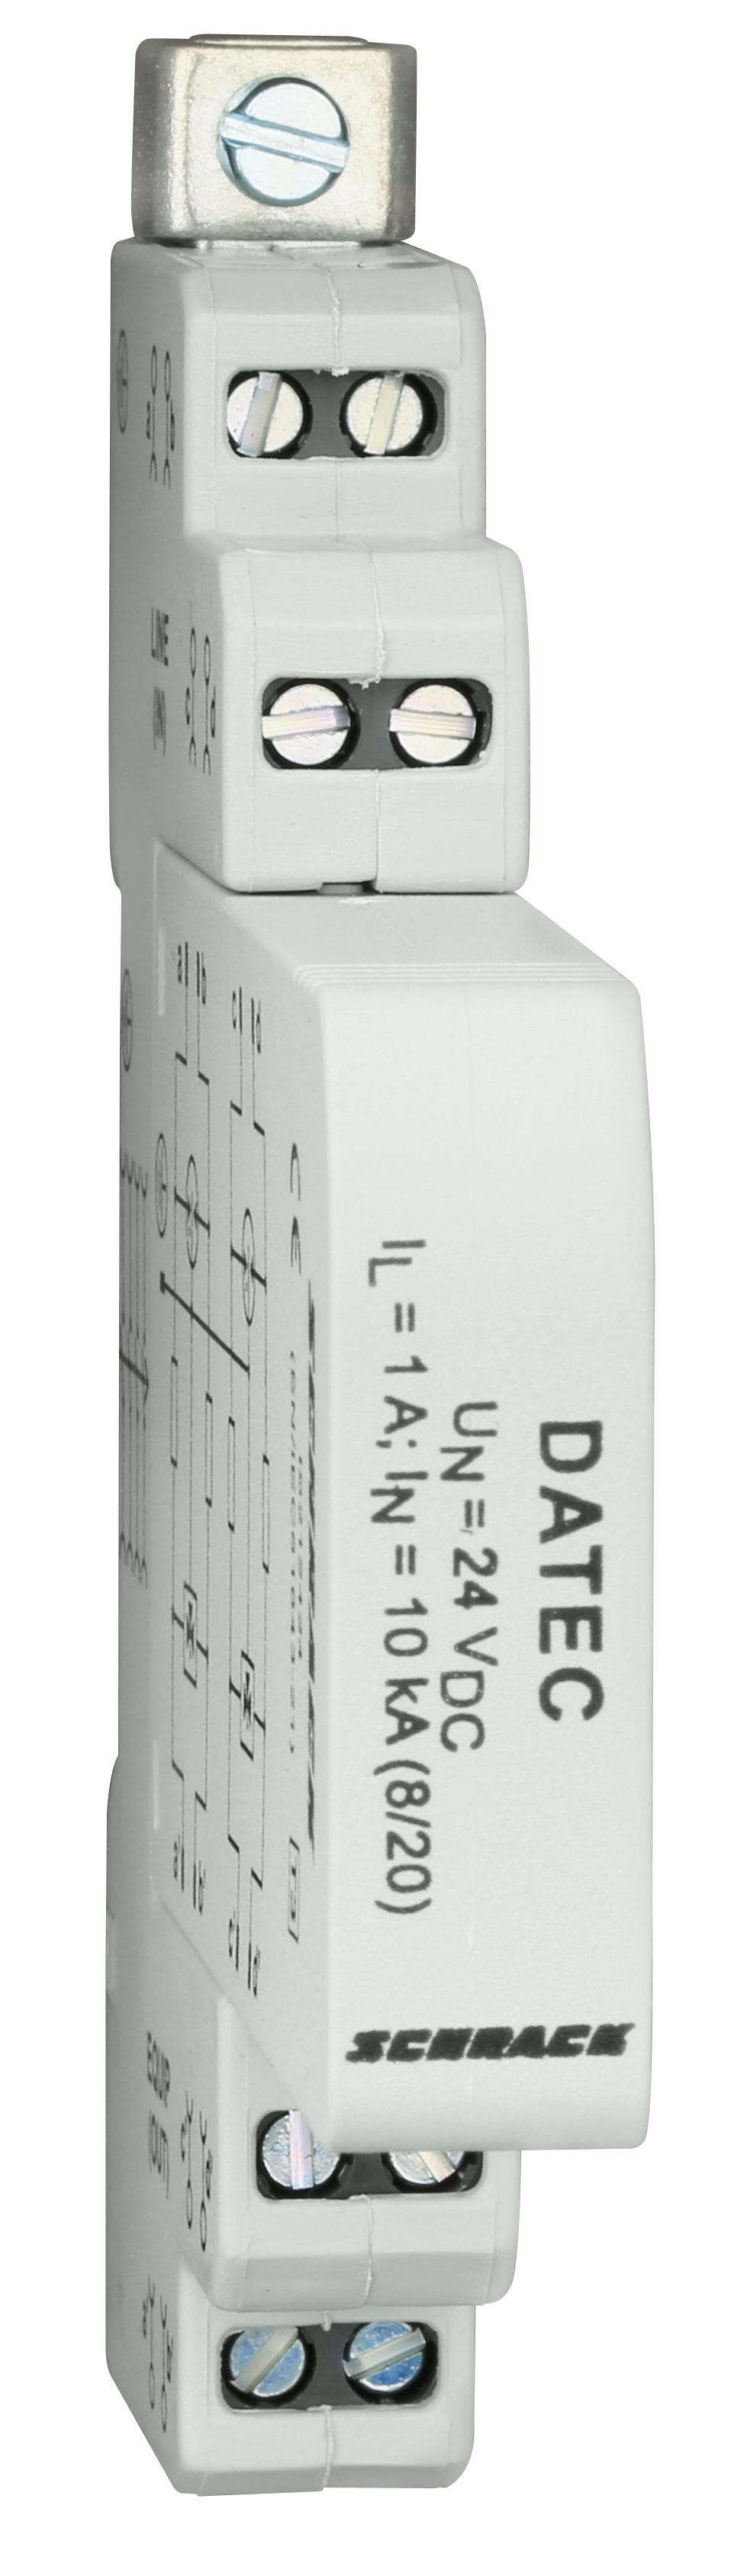 1 Stk Ableiter für Steuerleitungen, max. 24Vdc/1A, Klasse 3 (D) IS212424--